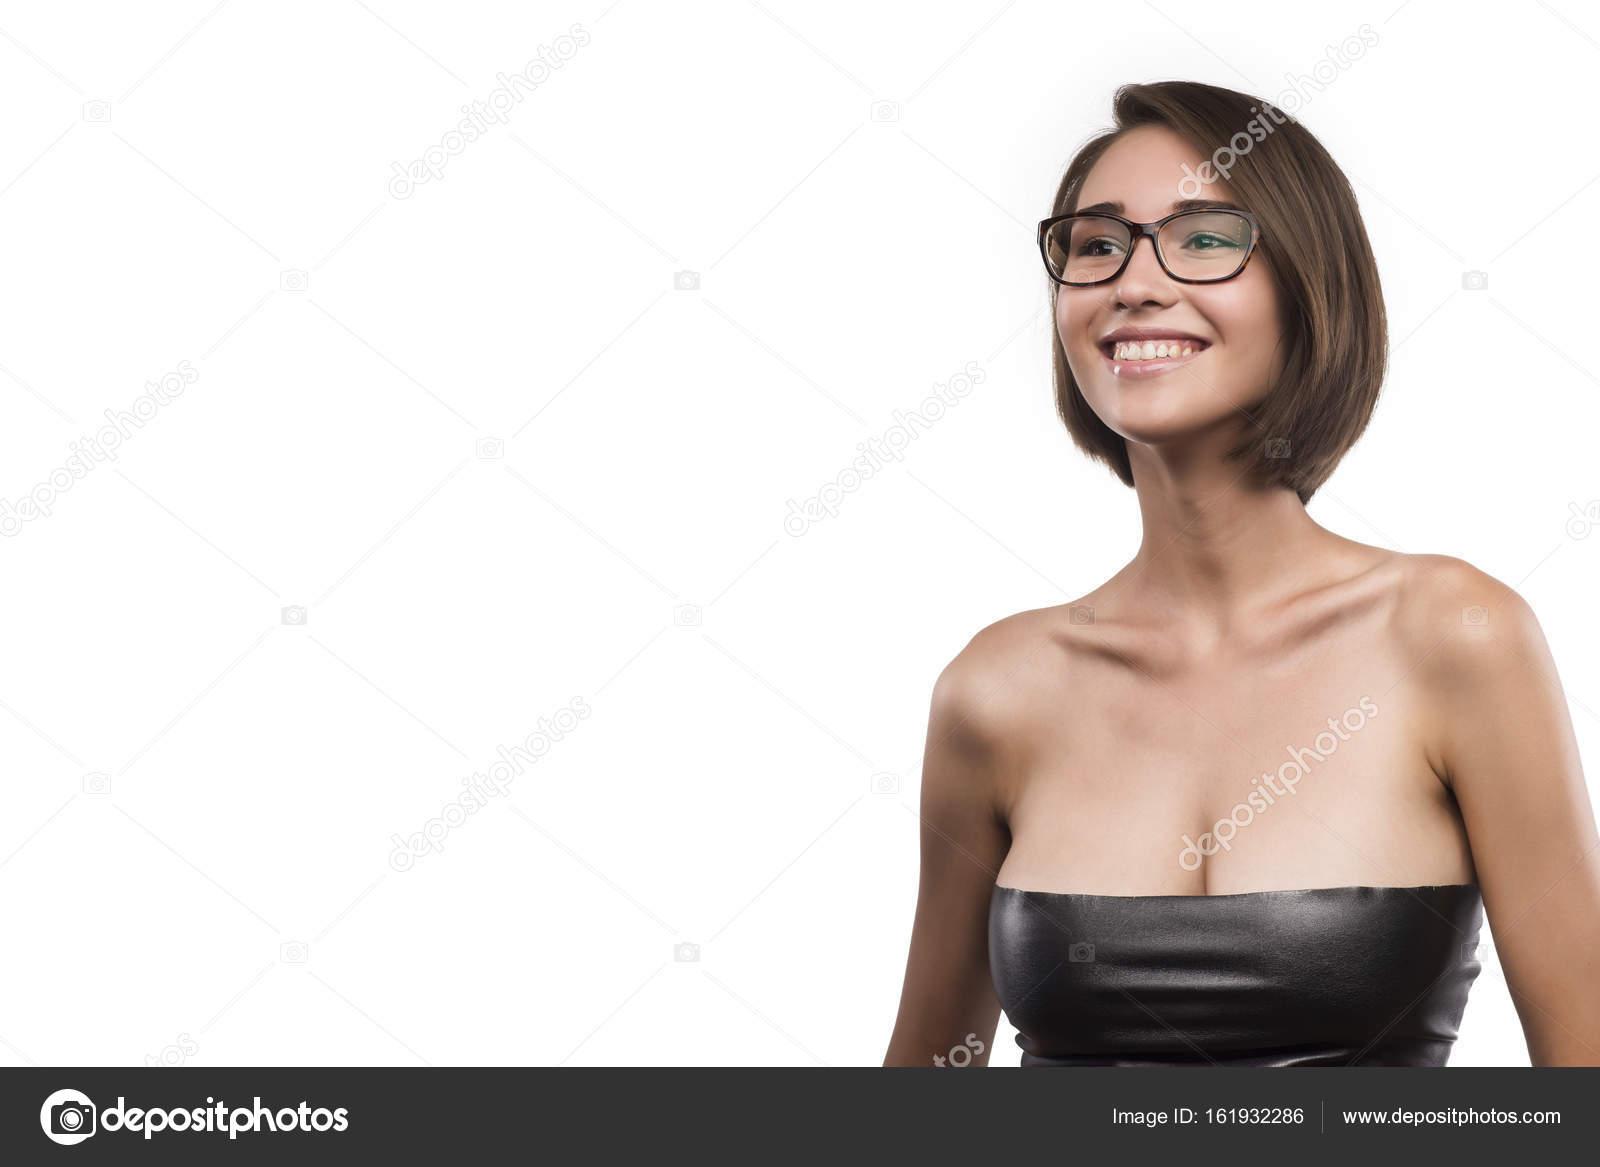 Женщины в очках с большой грудью, секс женщин легкого поведения